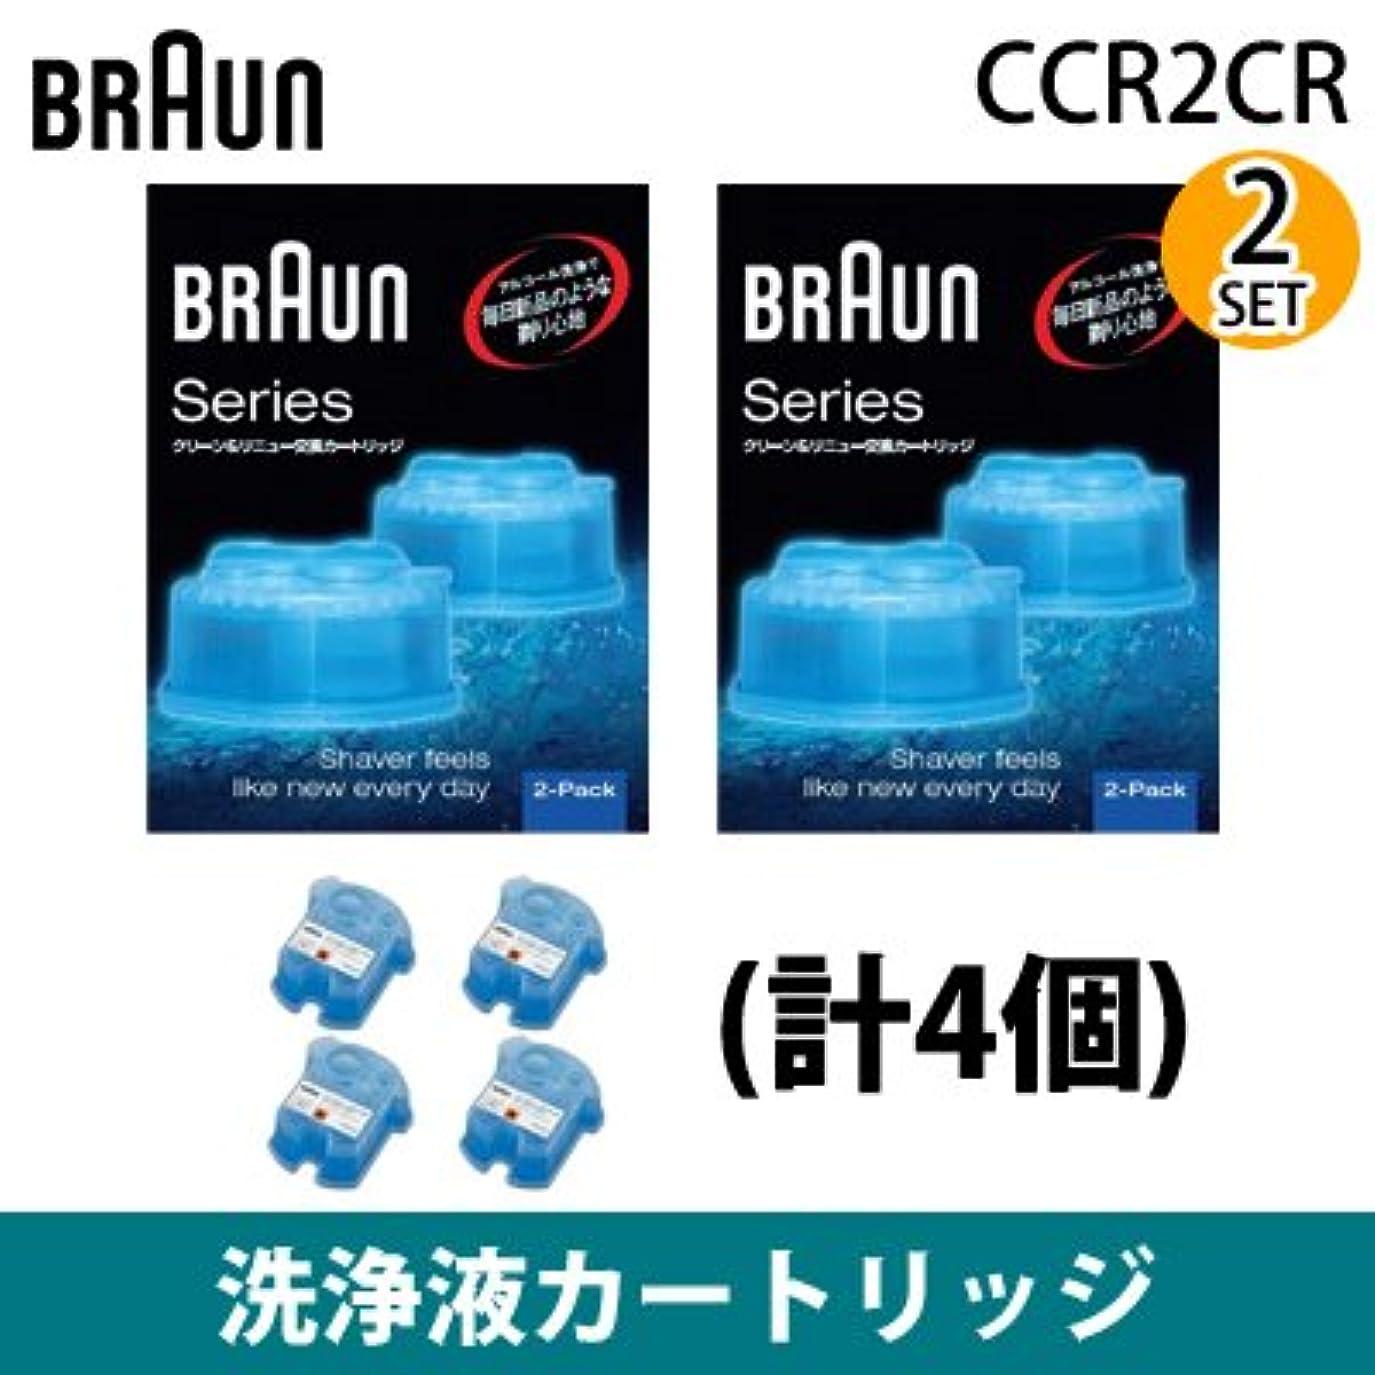 プリーツどちらも休憩【2セット】ブラウン メンズシェーバー アルコール洗浄システム専用洗浄液カートリッジ (2個入×2セット)(計4個) CCR2CR-2SET